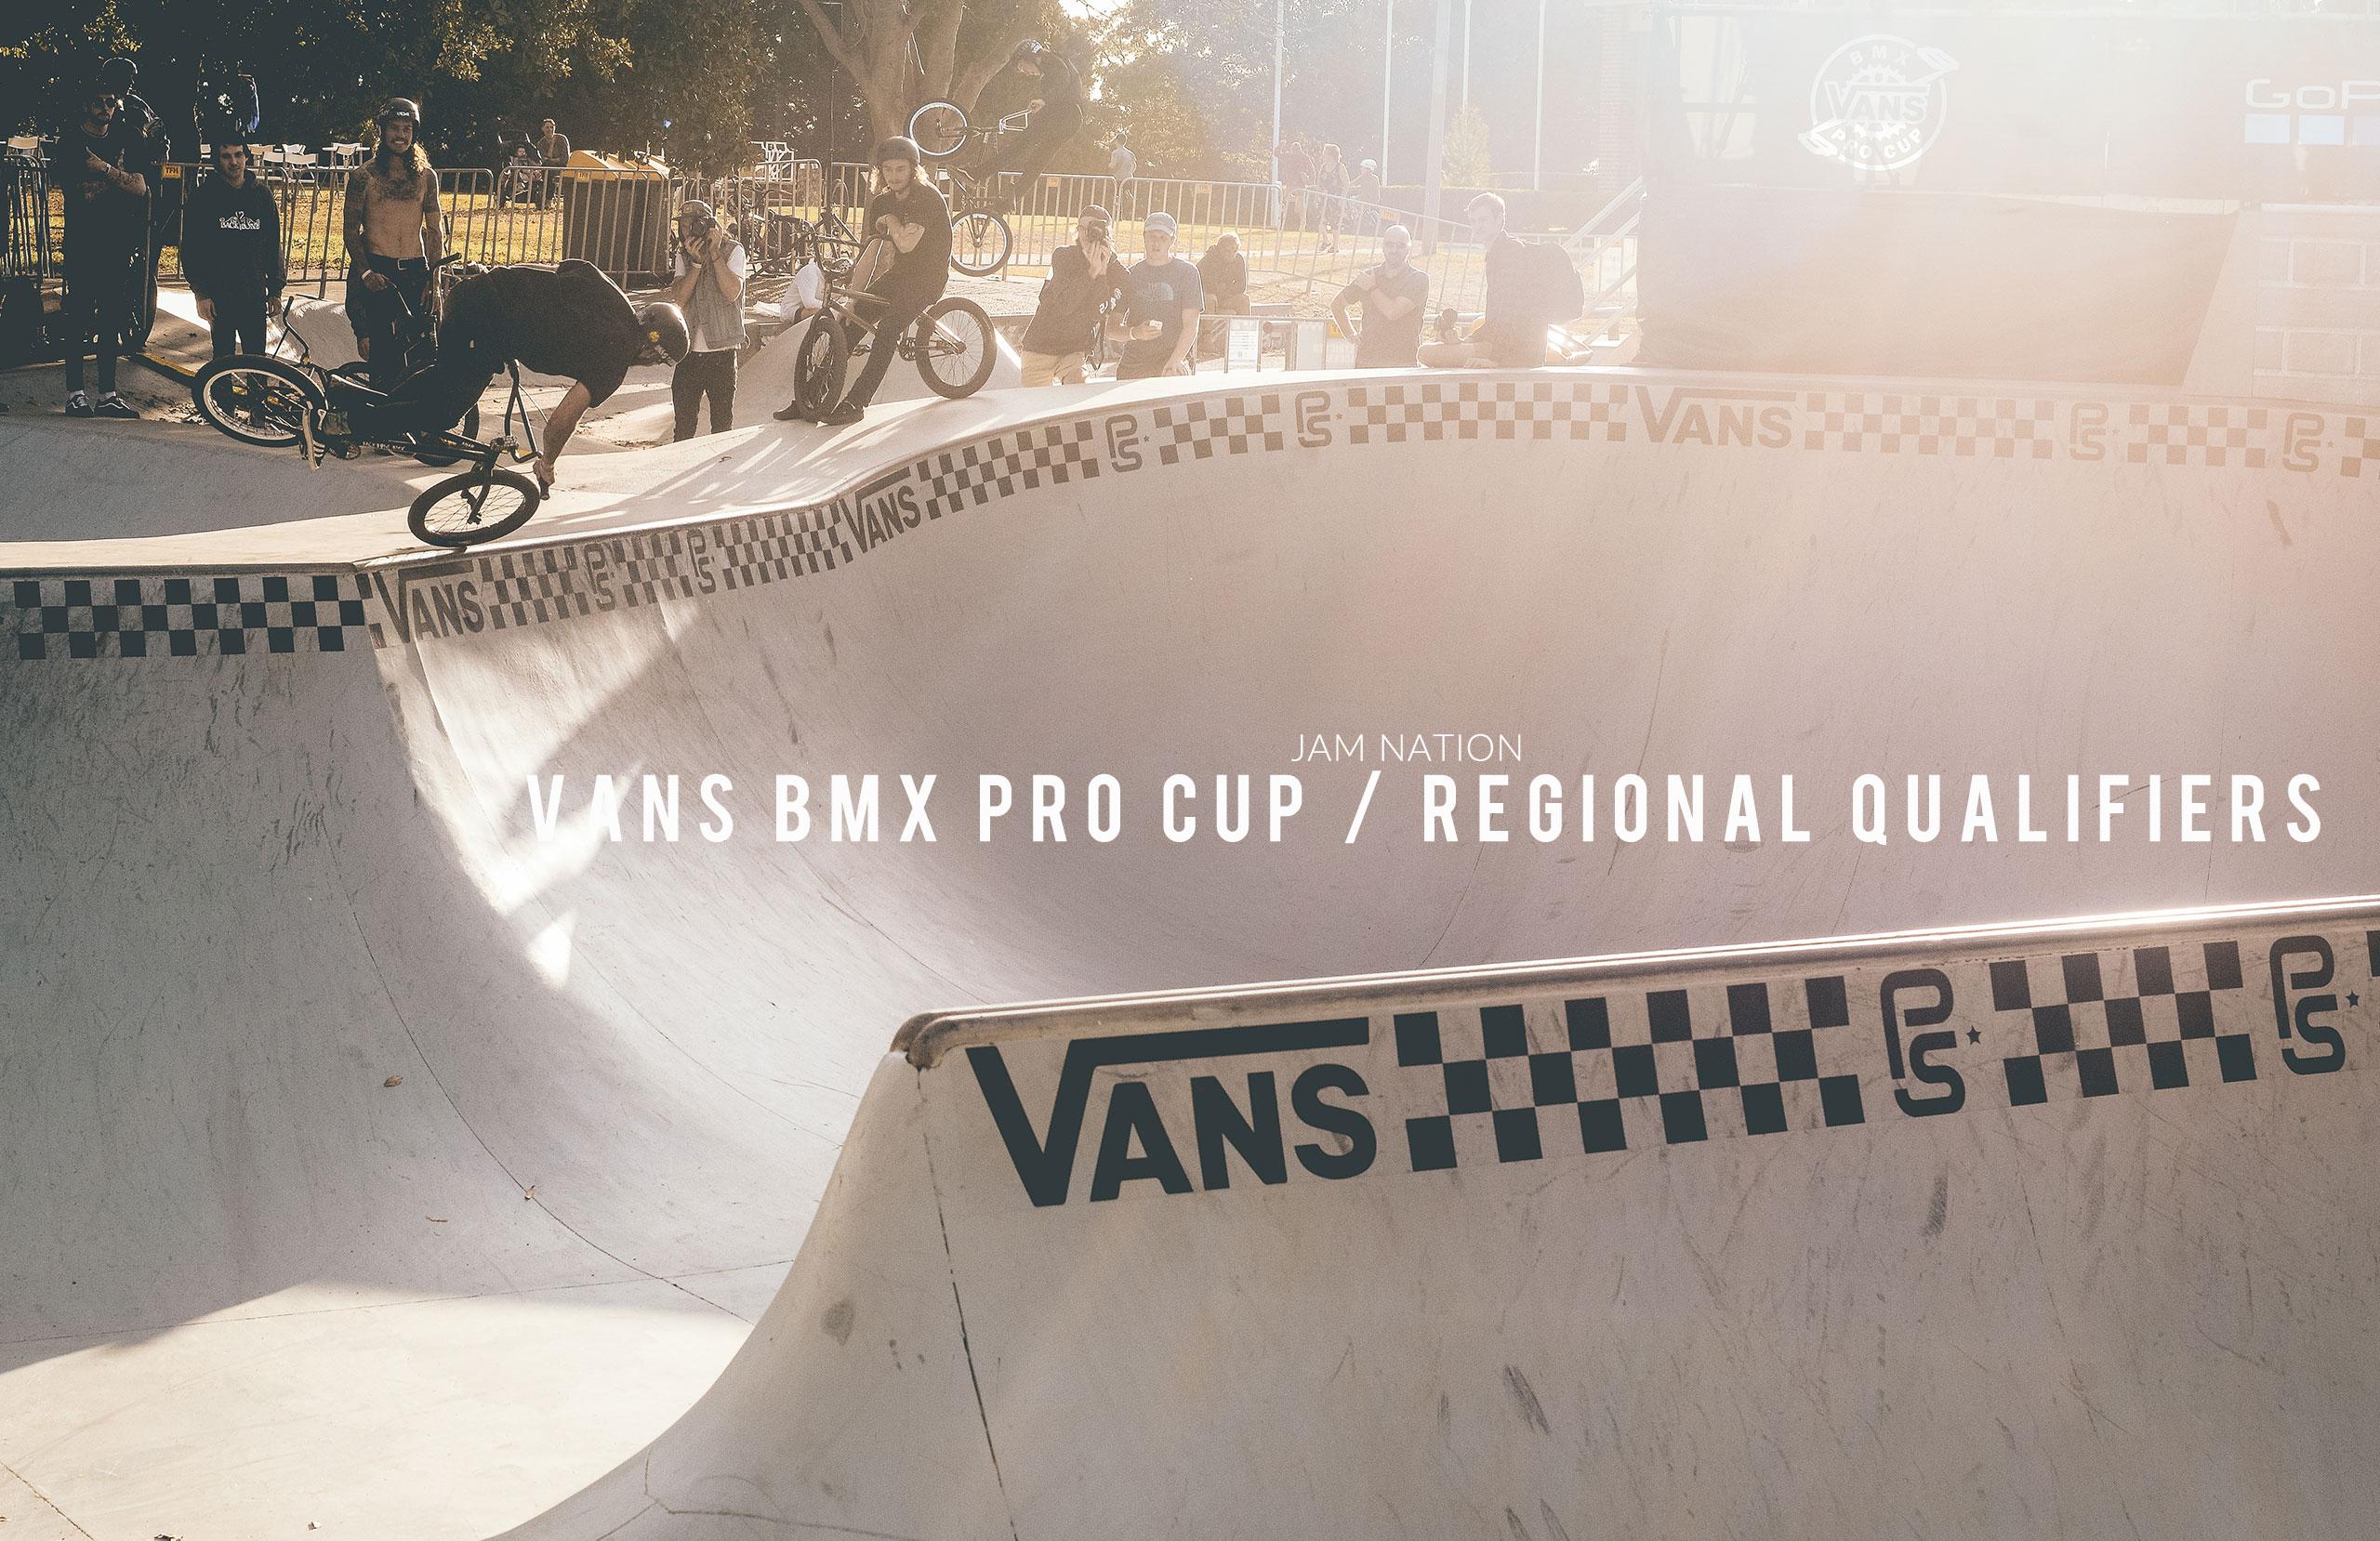 Vans BMX Pro Cup – Regional Qualifiers